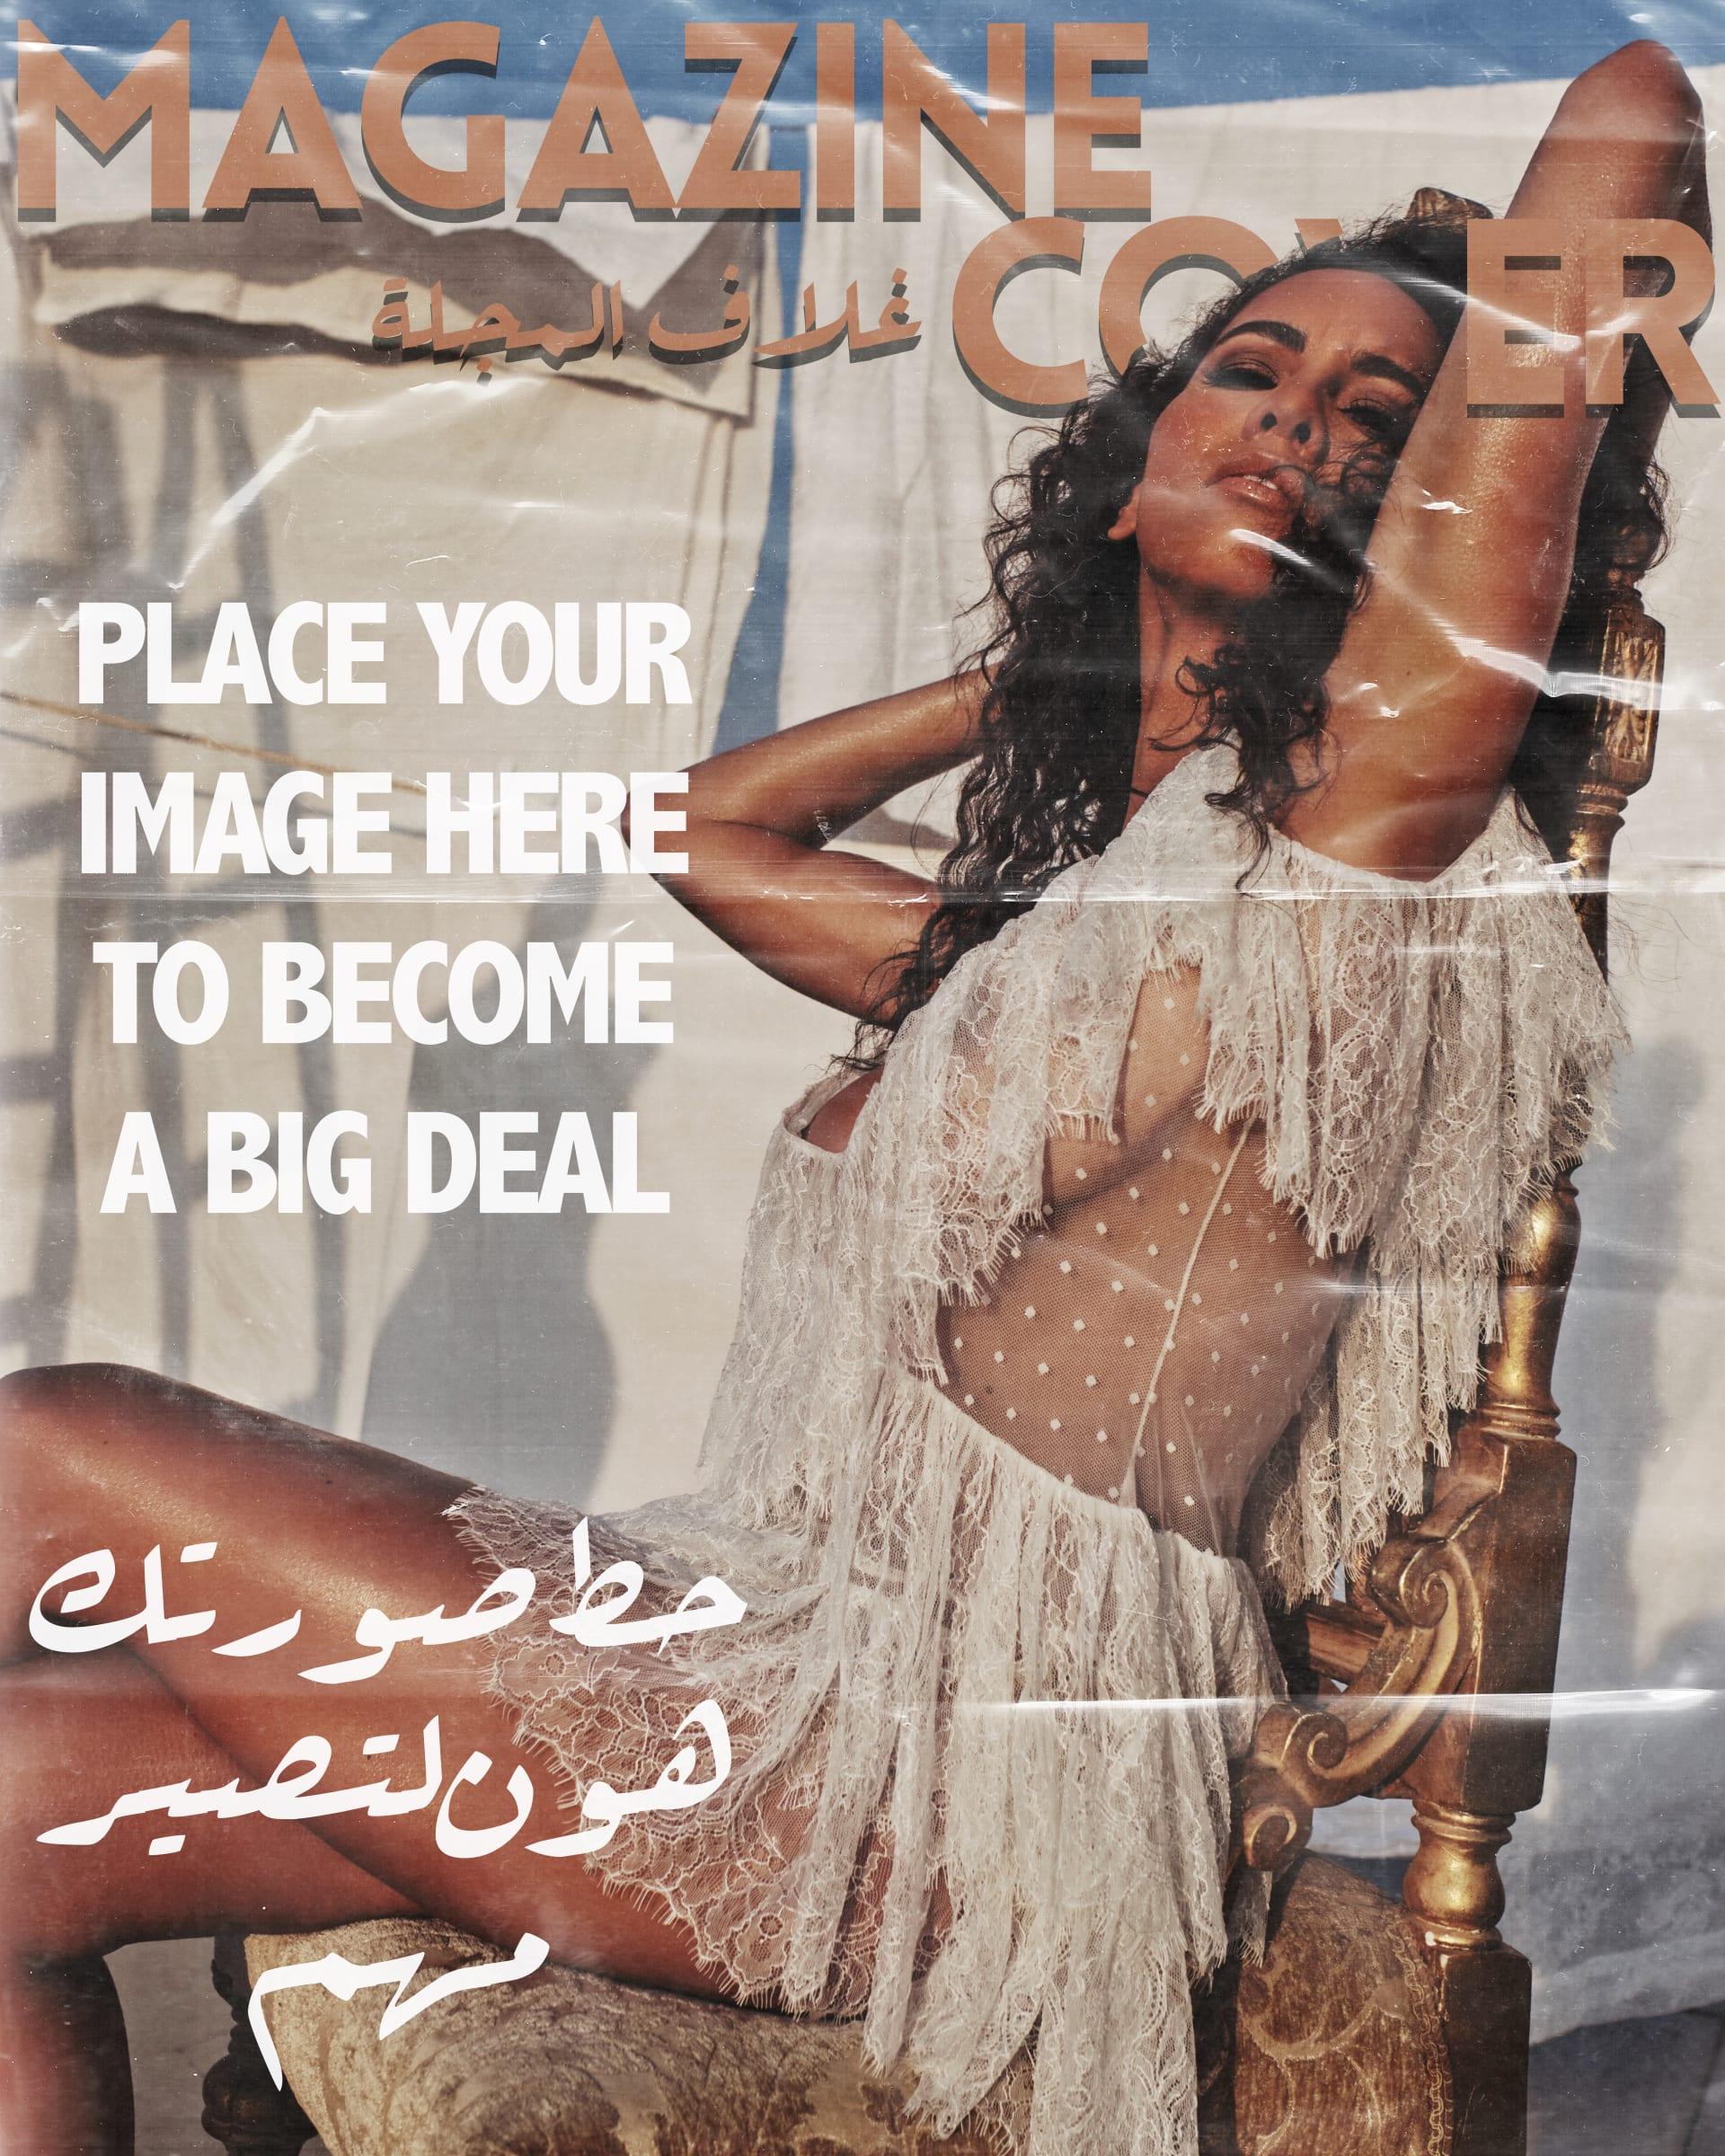 مصور يسخر من أغلفة المجلات وعدم واقعيتها بطريقته الخاصة